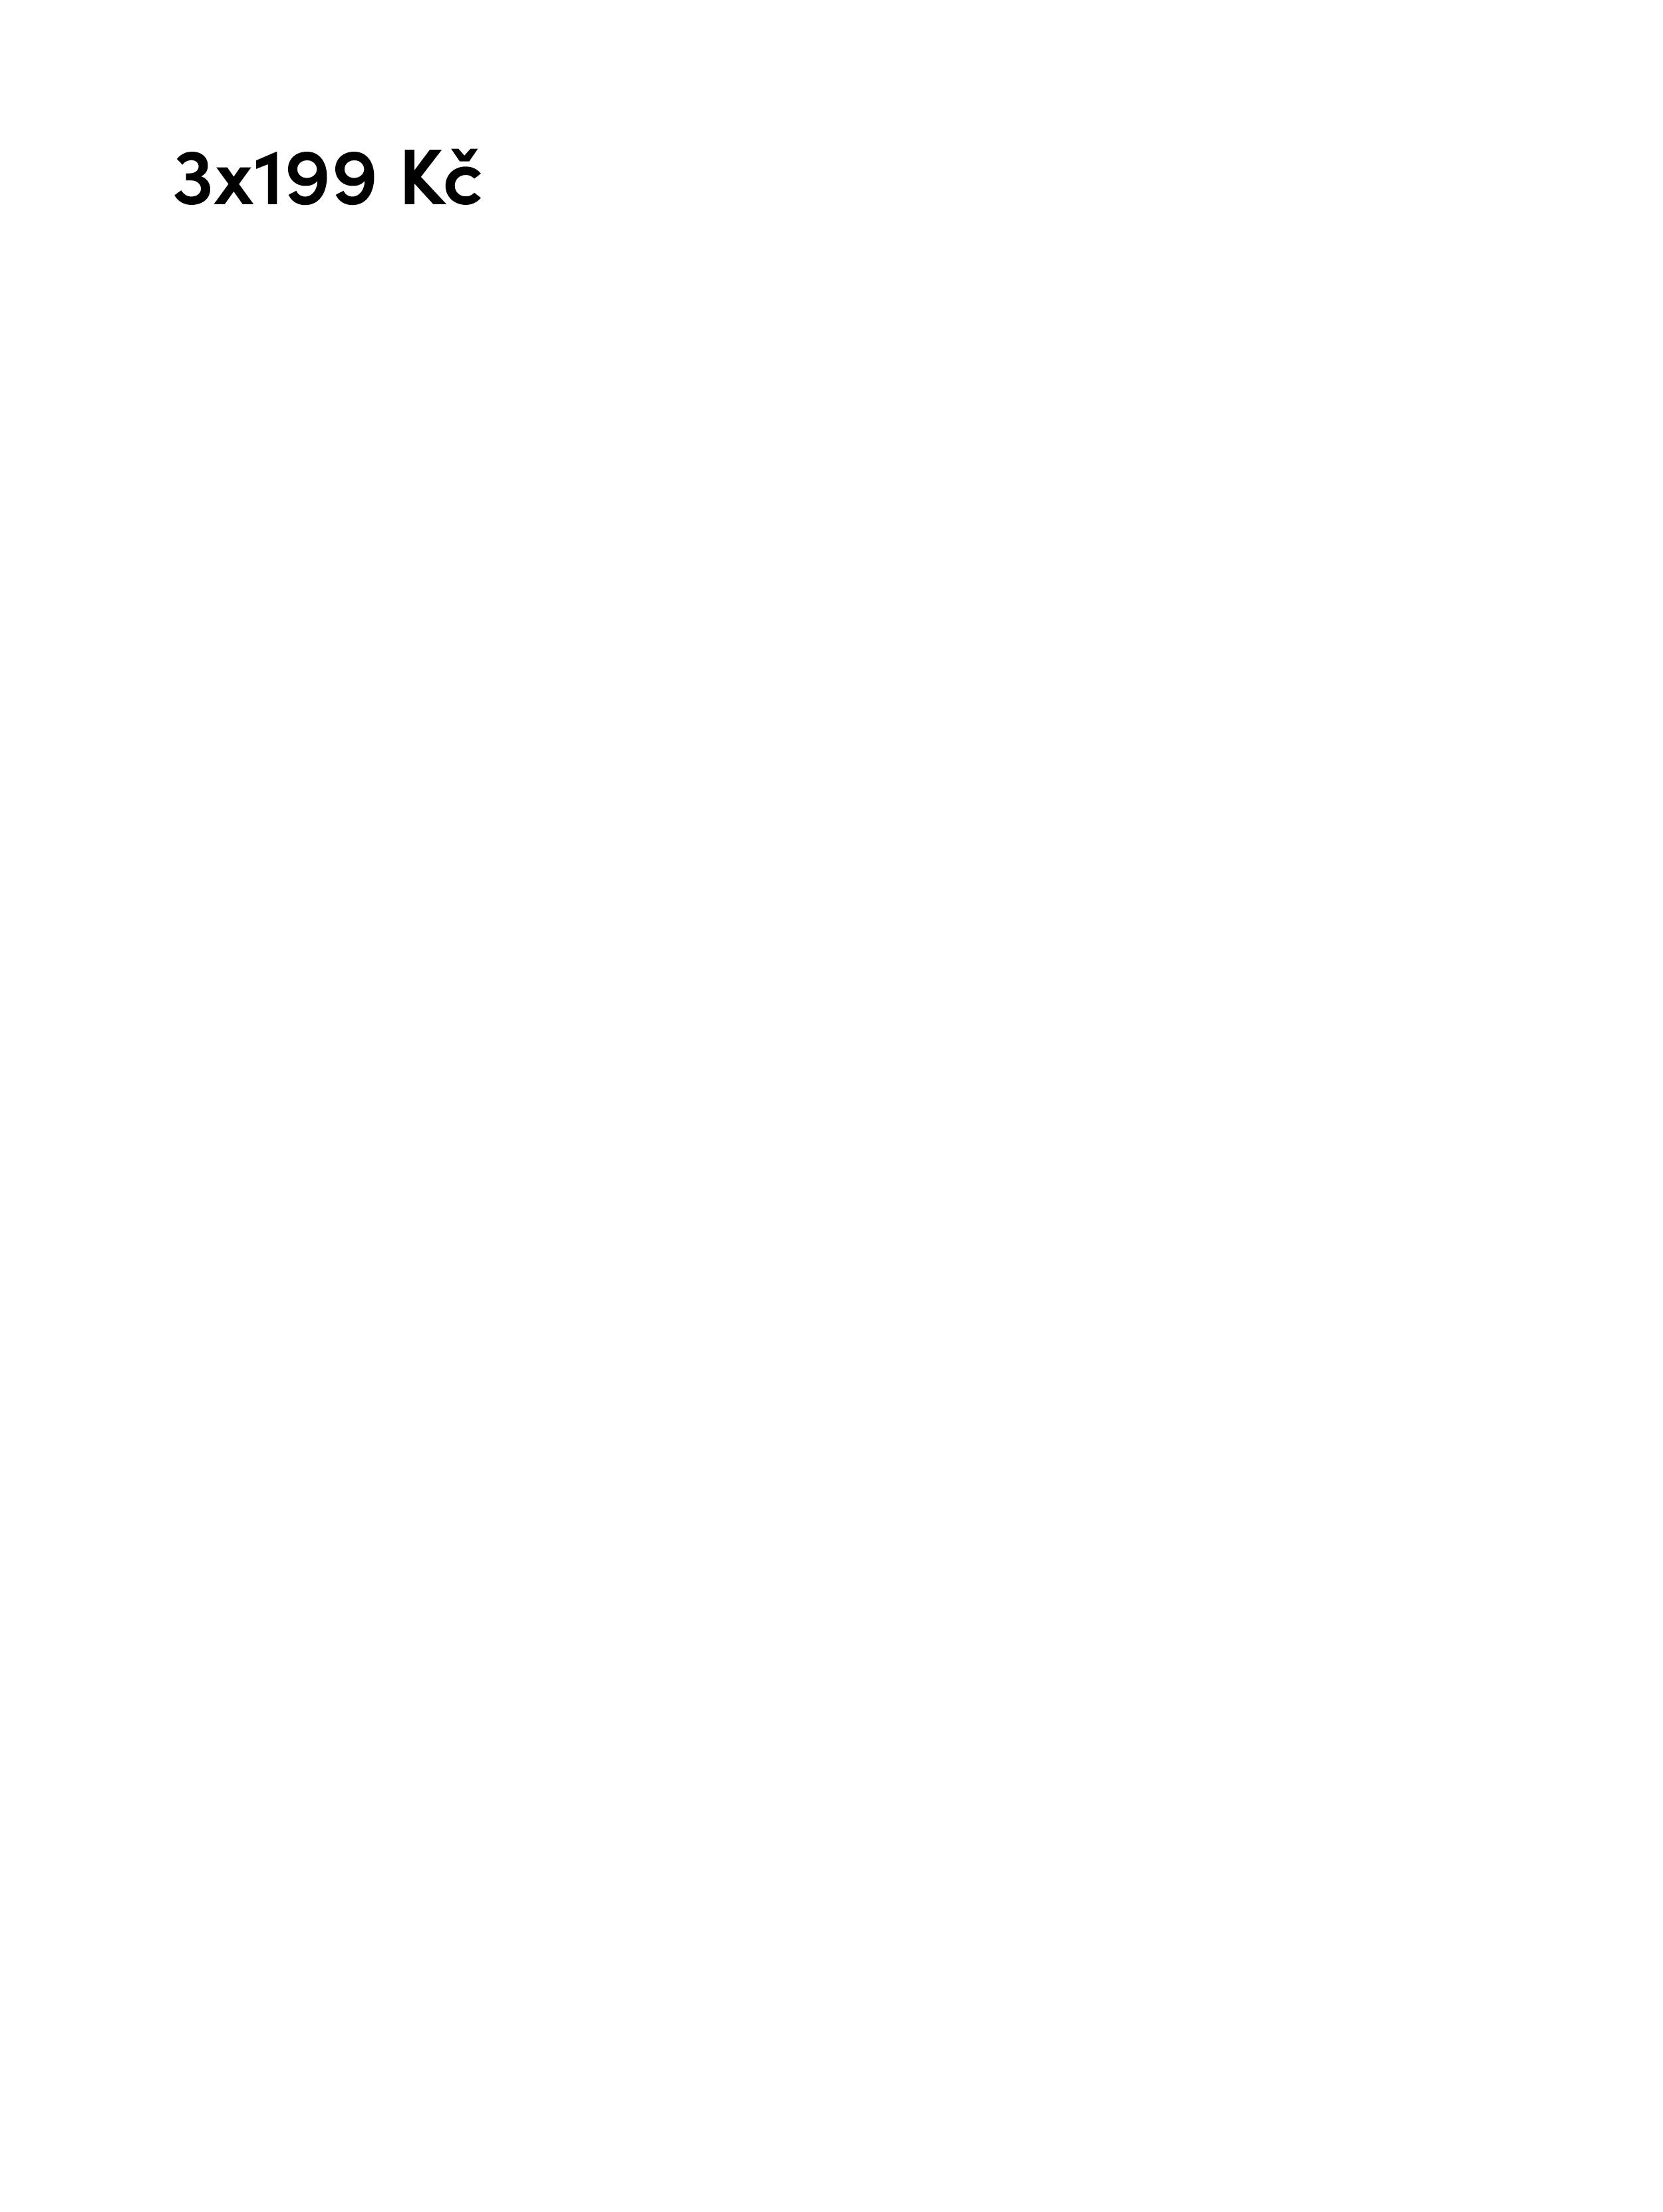 CZ_3x199